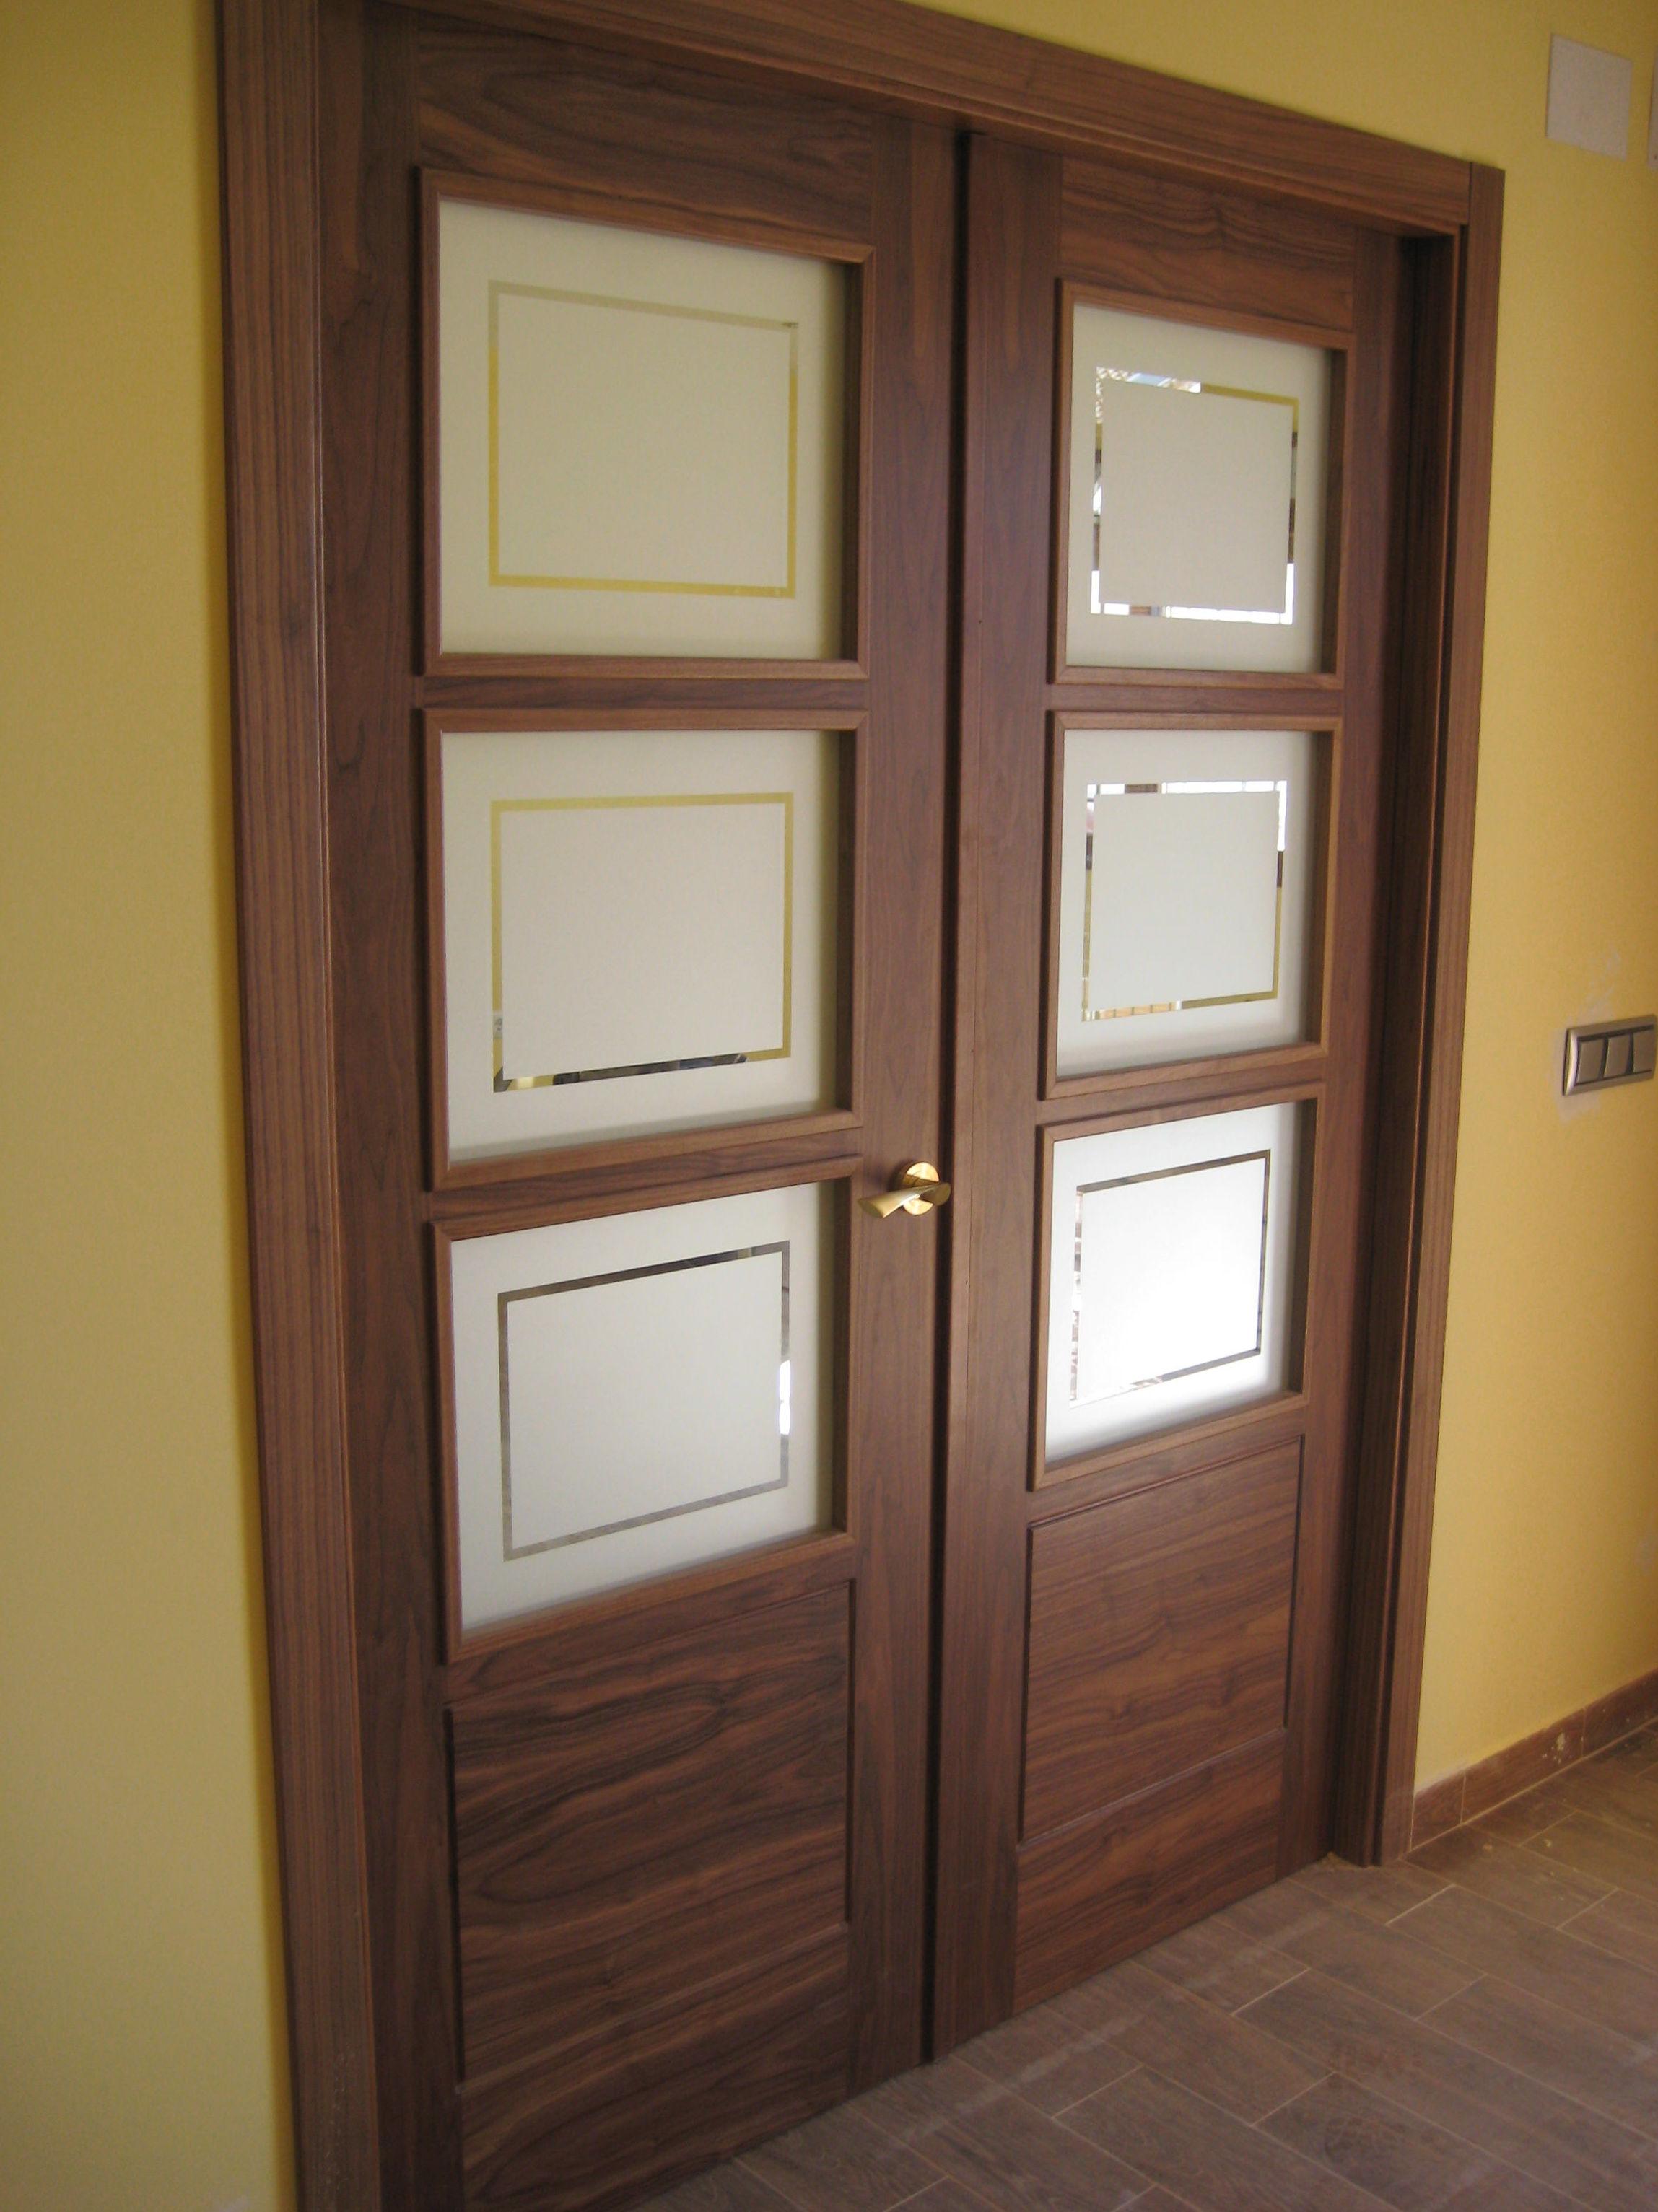 Foto 11 de carpinter a de madera en yuncler carpinter a jano - Puertas de salon con cristal ...